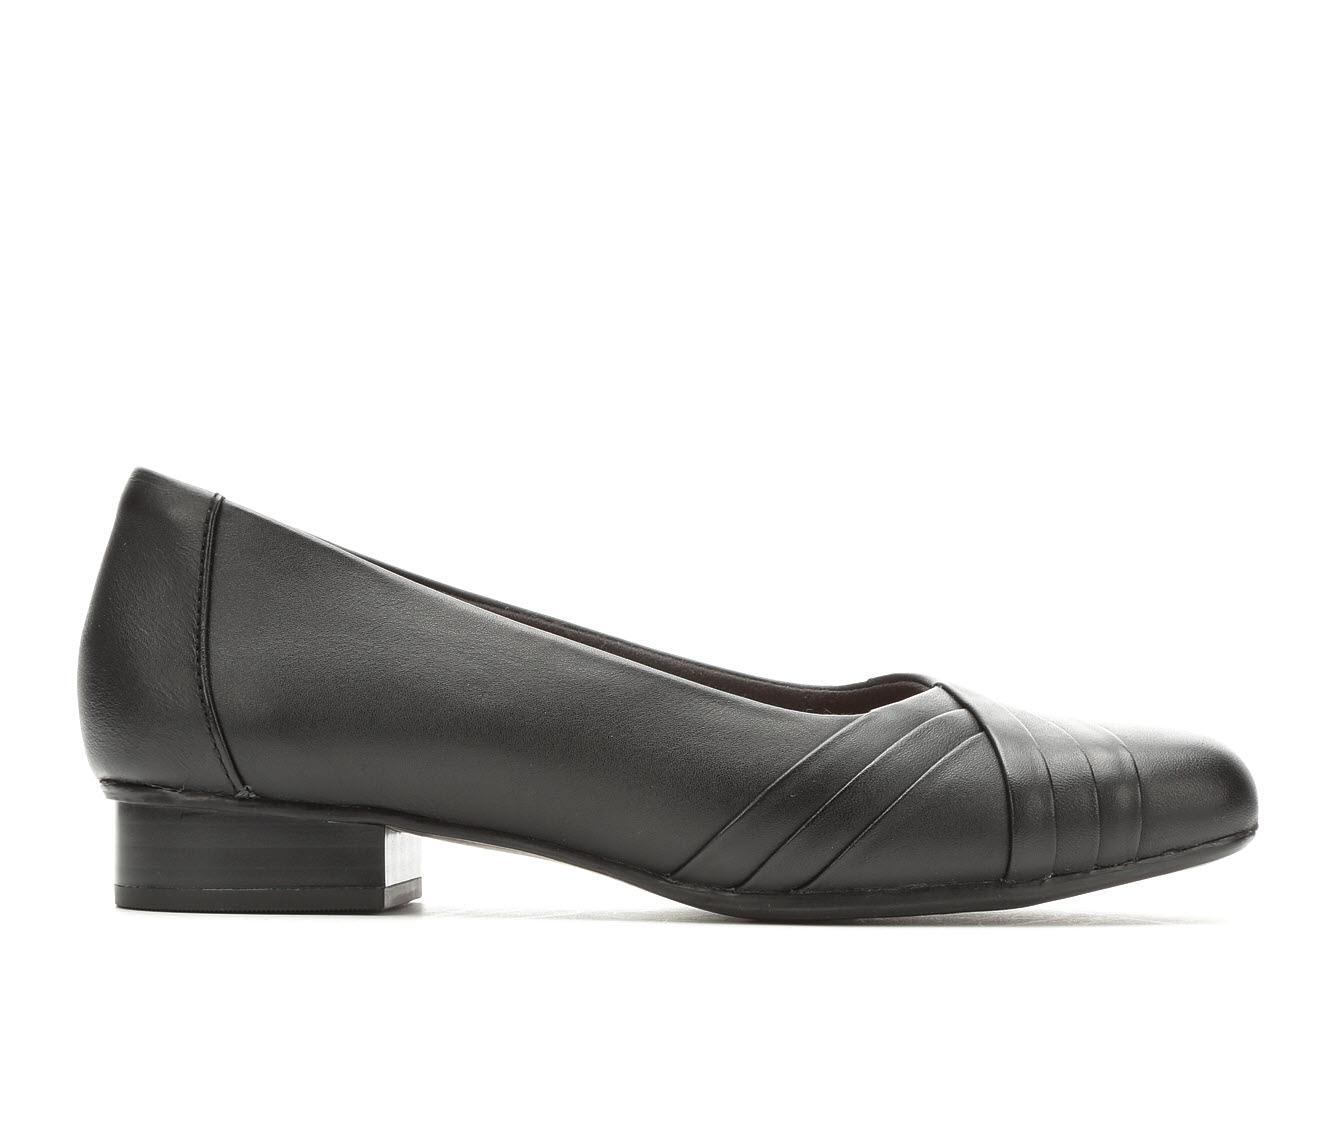 Clarks Juliet Petra Women's Shoe (Black Leather)